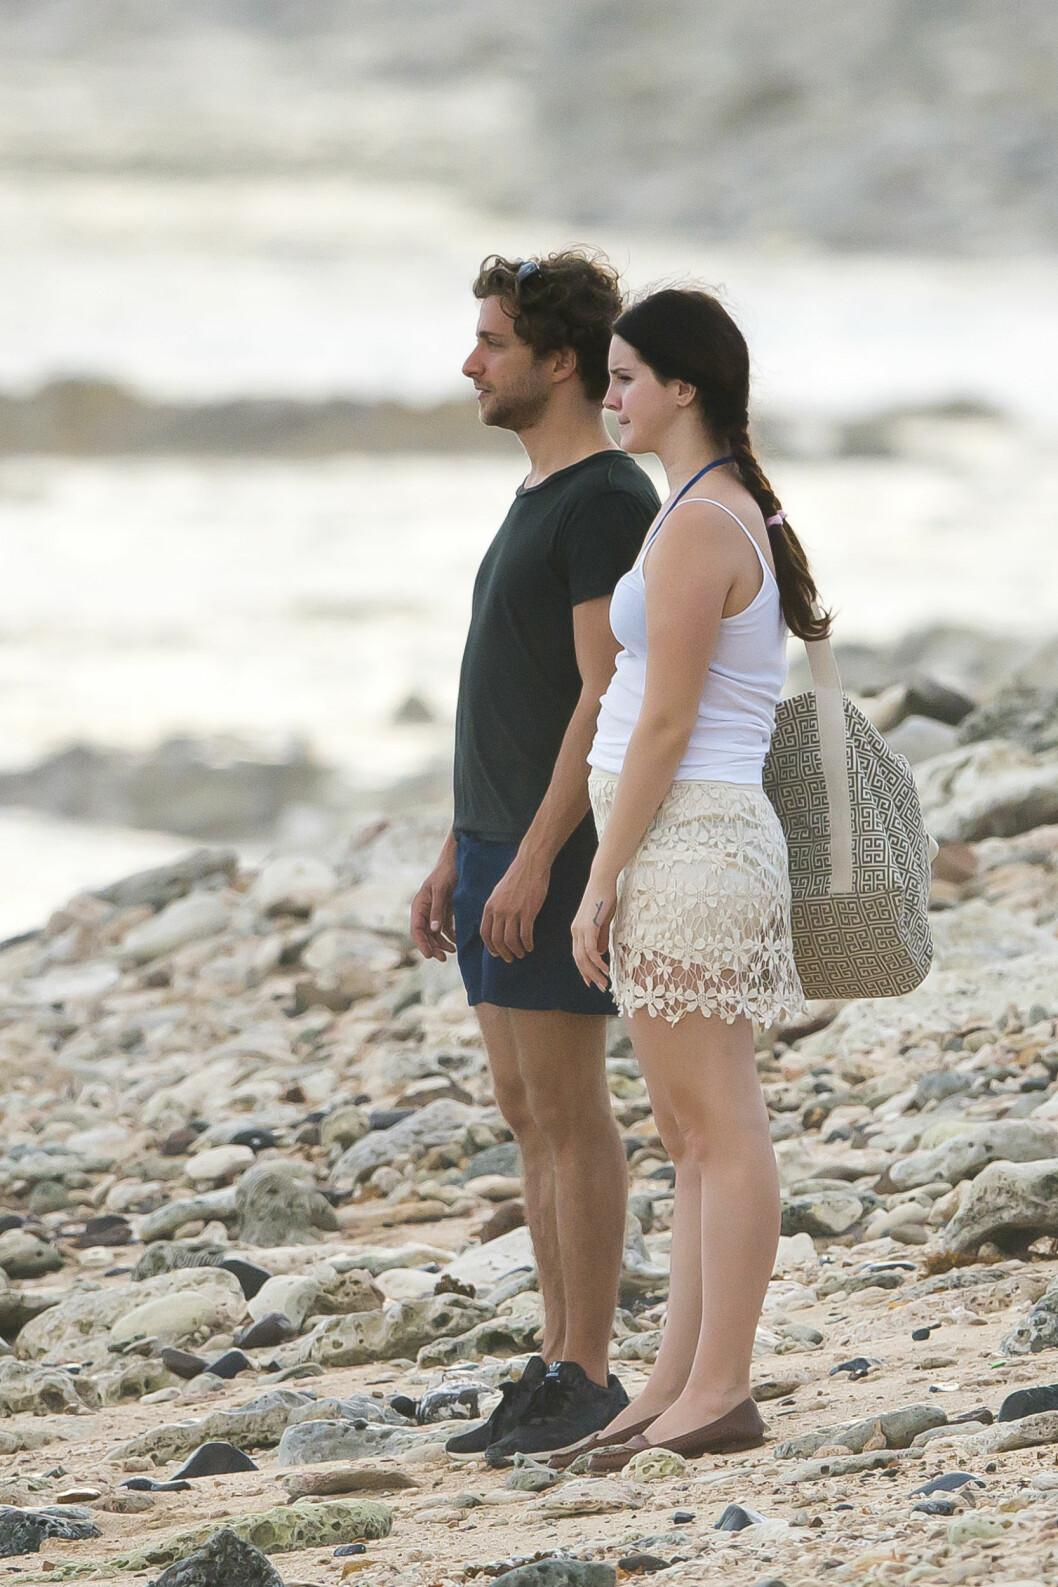 NØT UTSIKTEN: Lana og Francesco så ut til å beundre utsikten på den karibiske øya.  Foto: /All Over Press